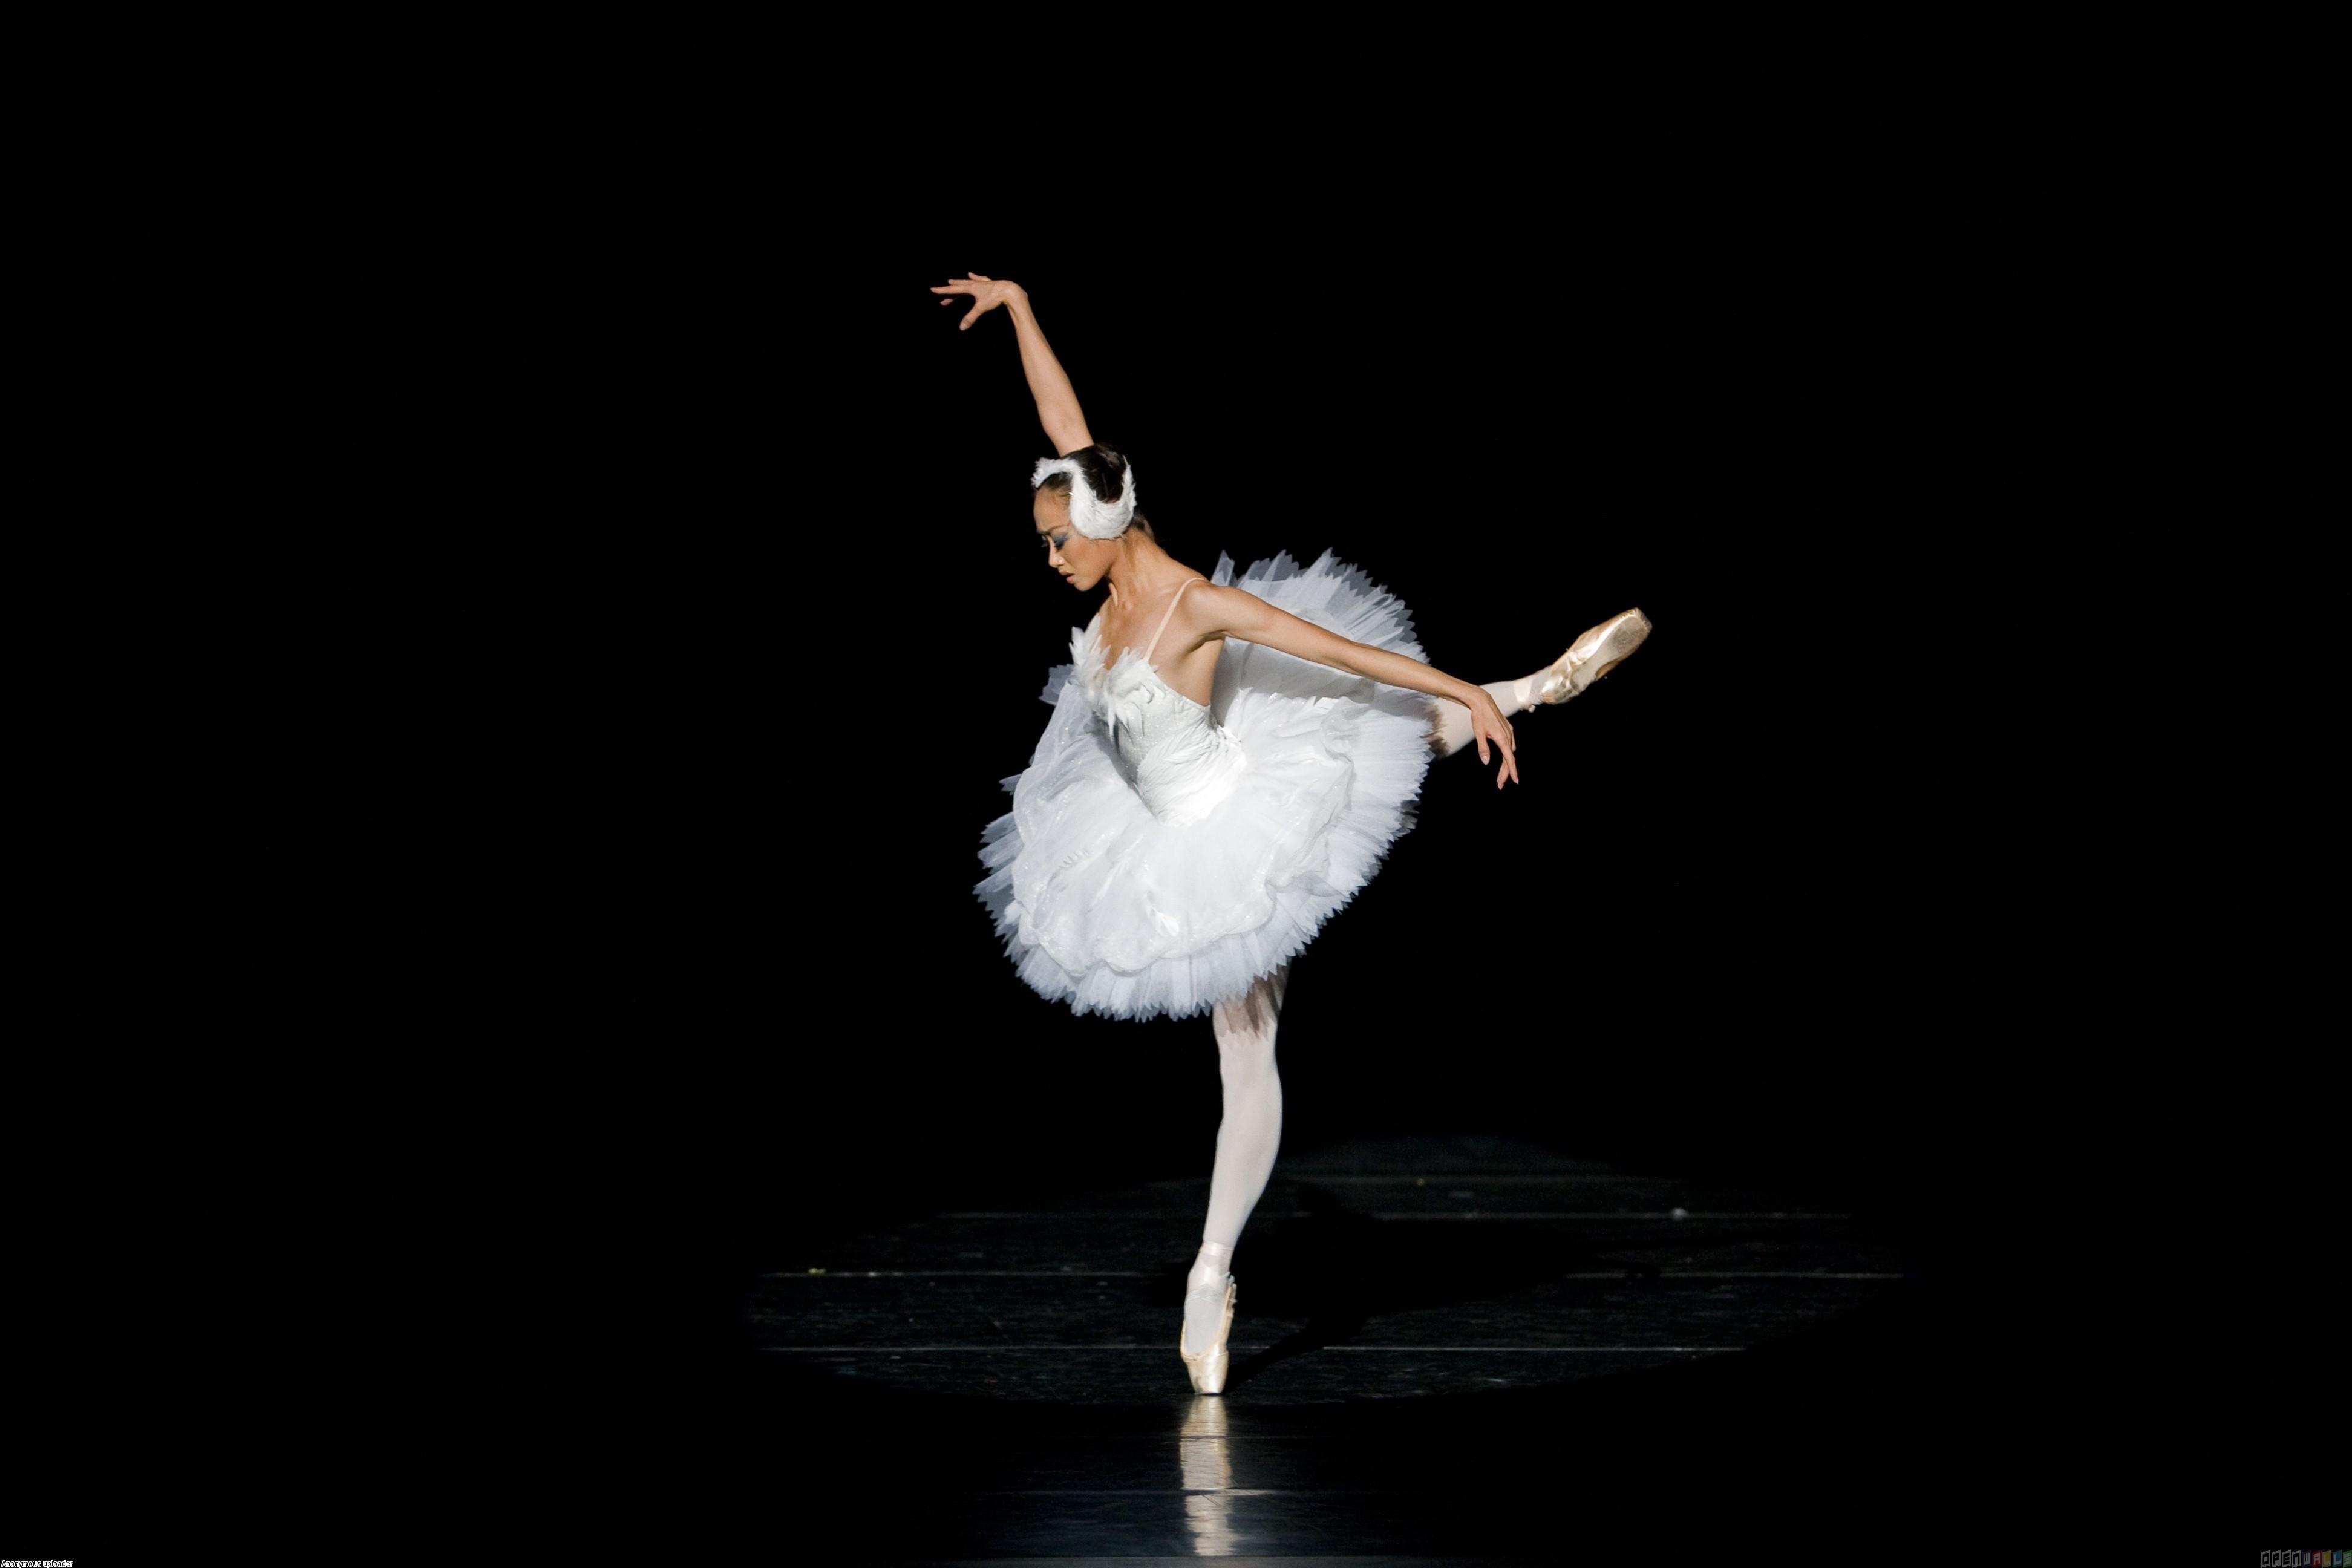 _White_swan_ballerina_054689_